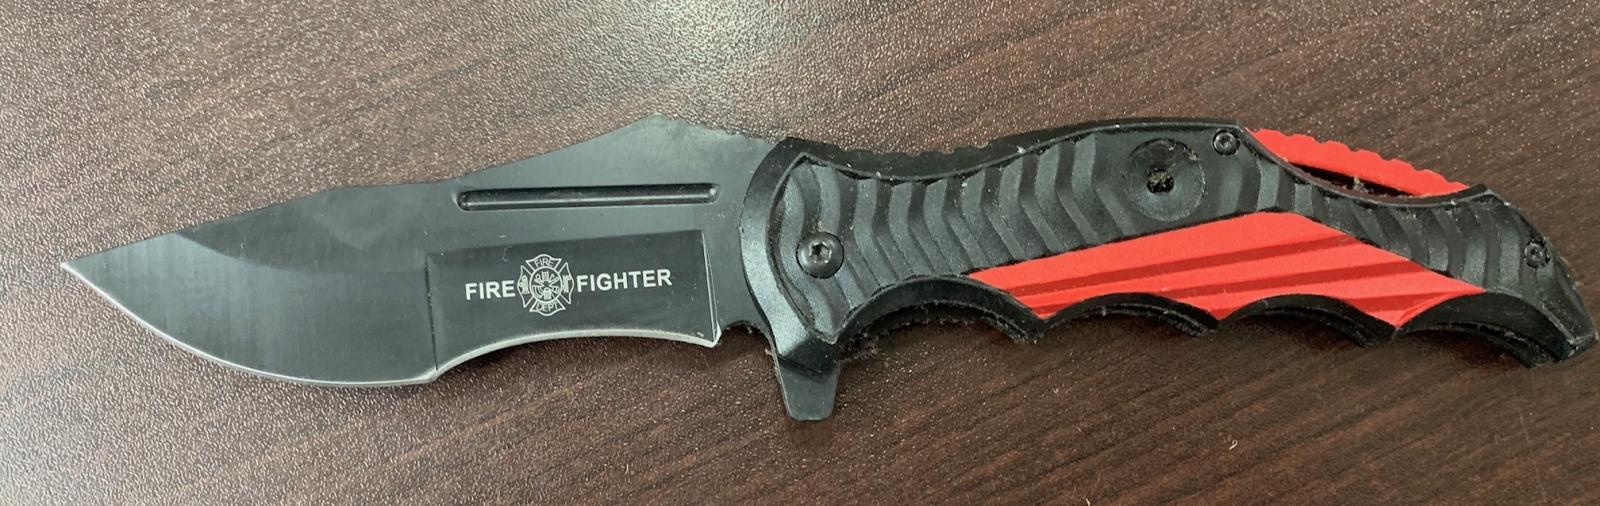 Складной нож Fire Fighter с красно-черной рукоятью